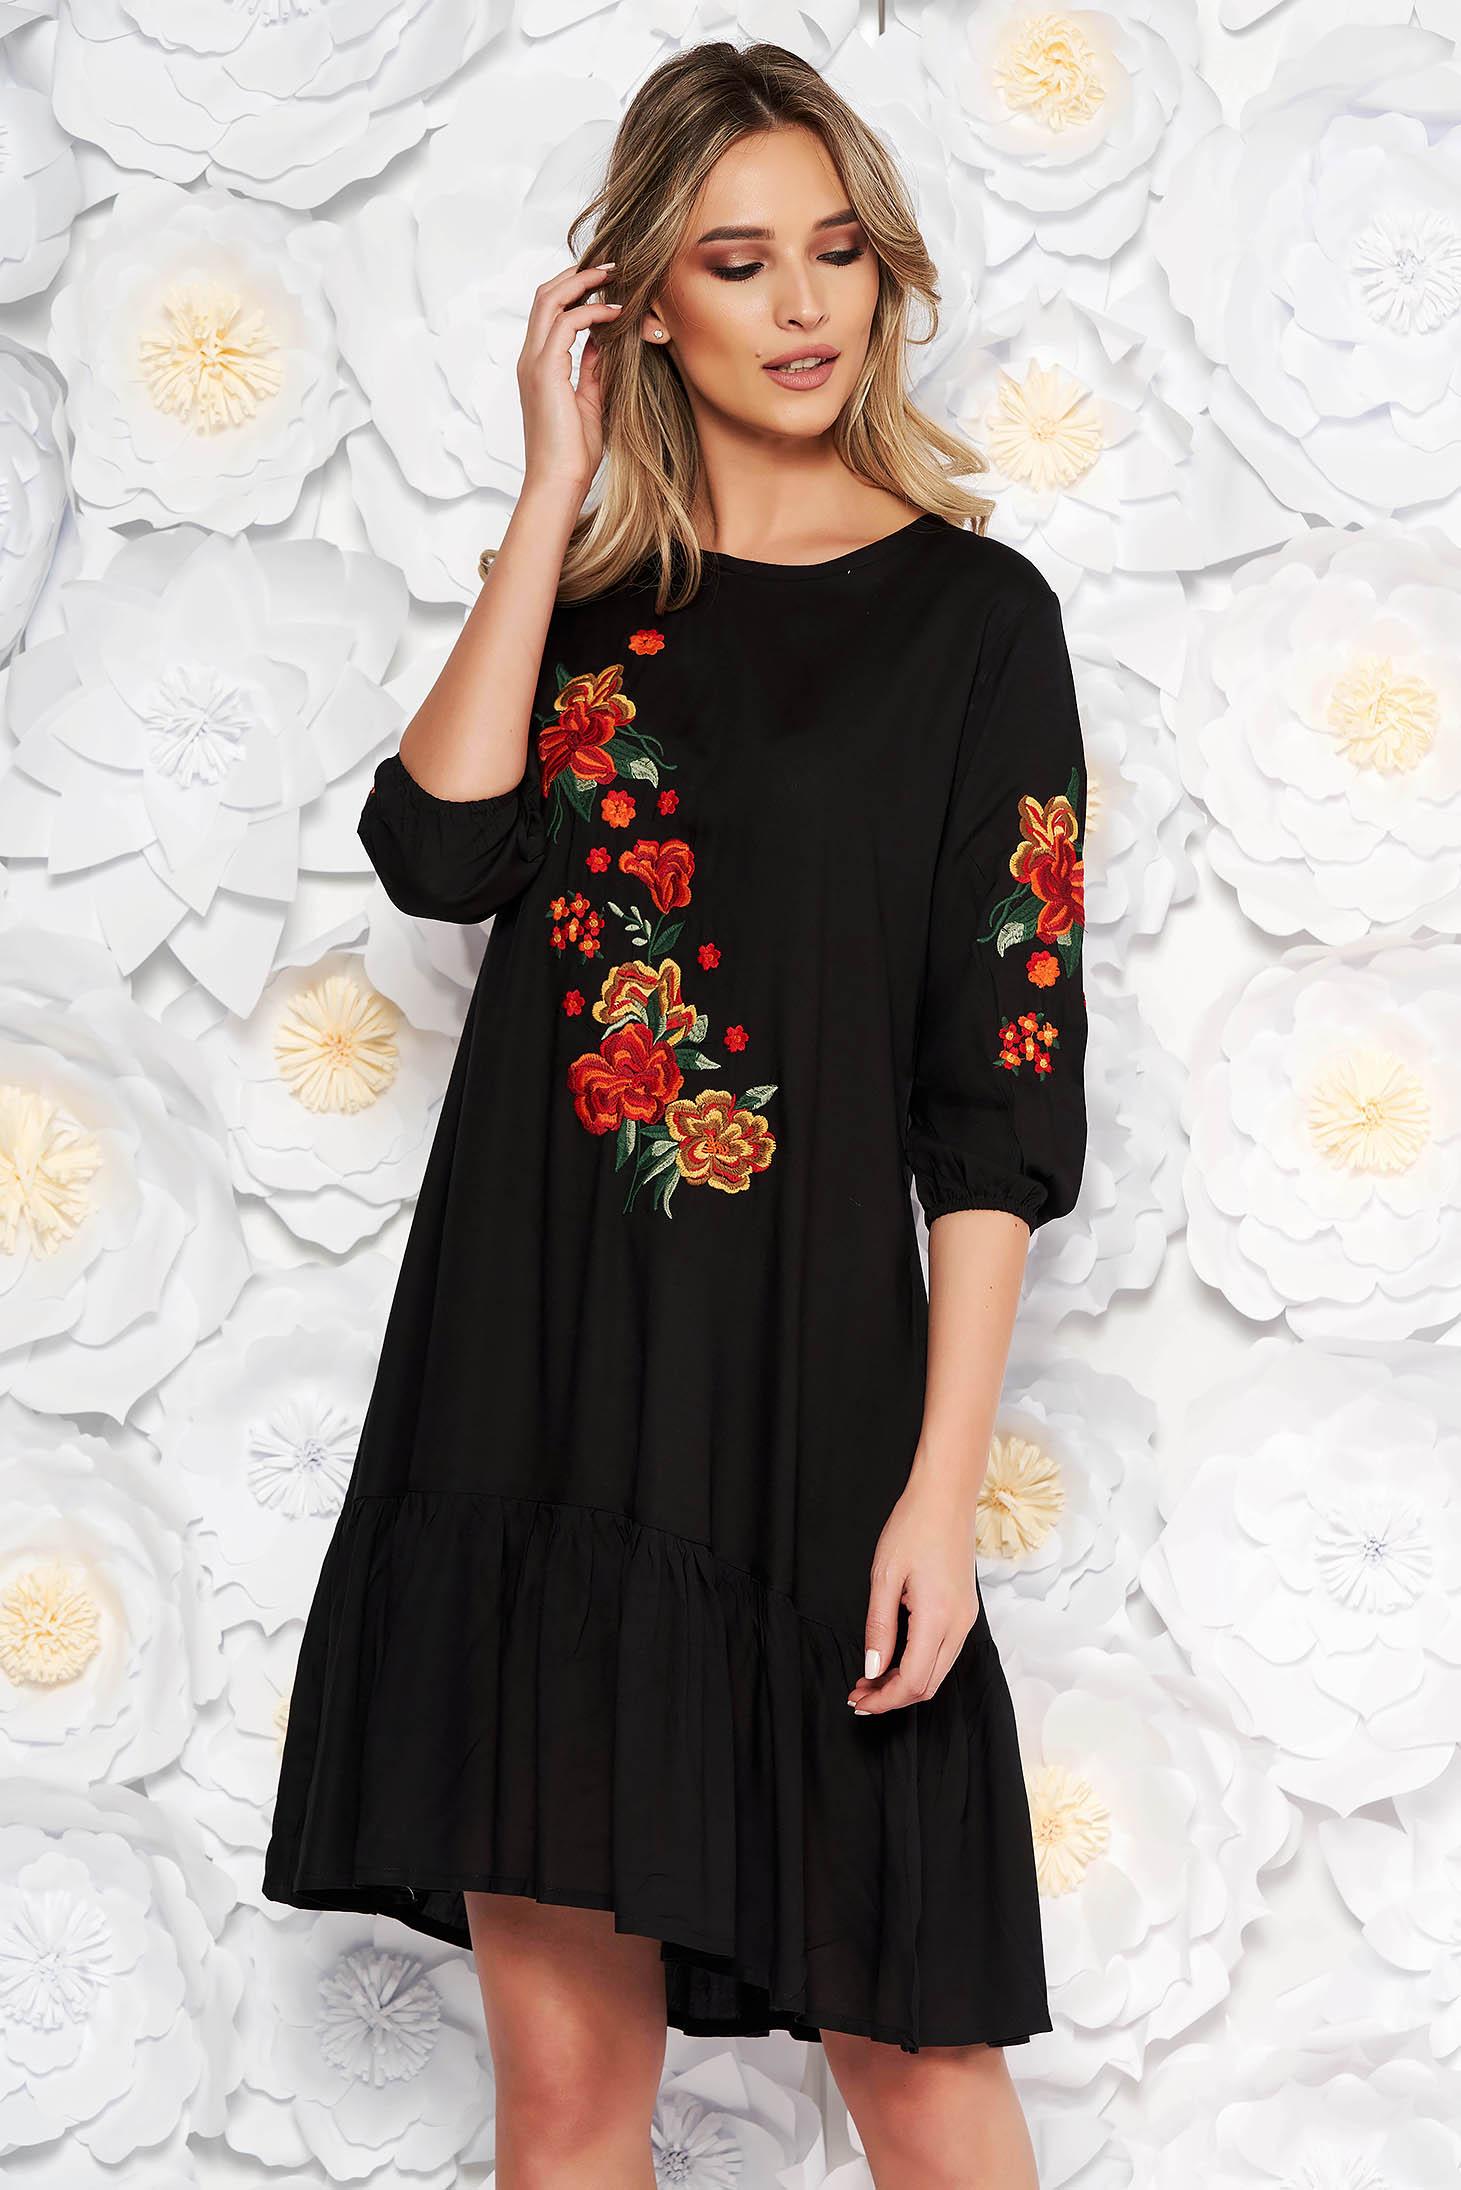 Fekete hétköznapi bő szabású ruha nem elasztikus pamut elől hímzett